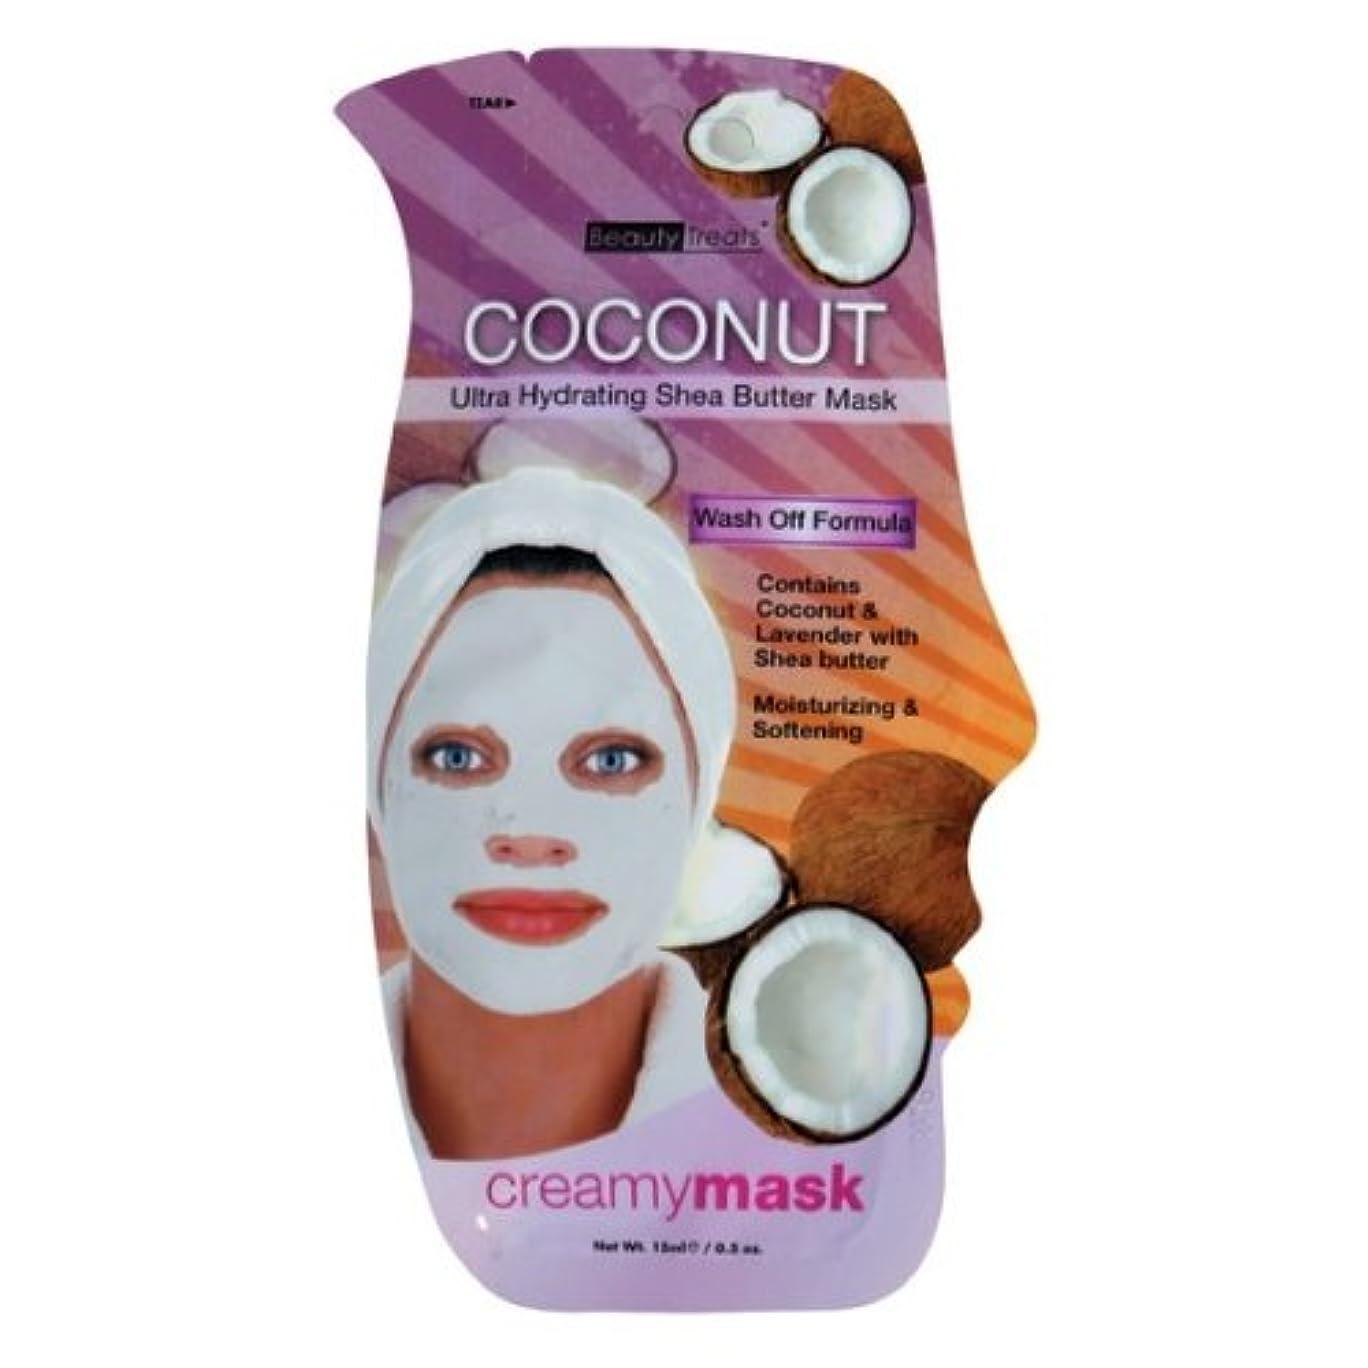 持つアルカイック付き添い人(3 Pack) BEAUTY TREATS Coconut Ultra Hydrating Shea Butter Mask - Coconut (並行輸入品)